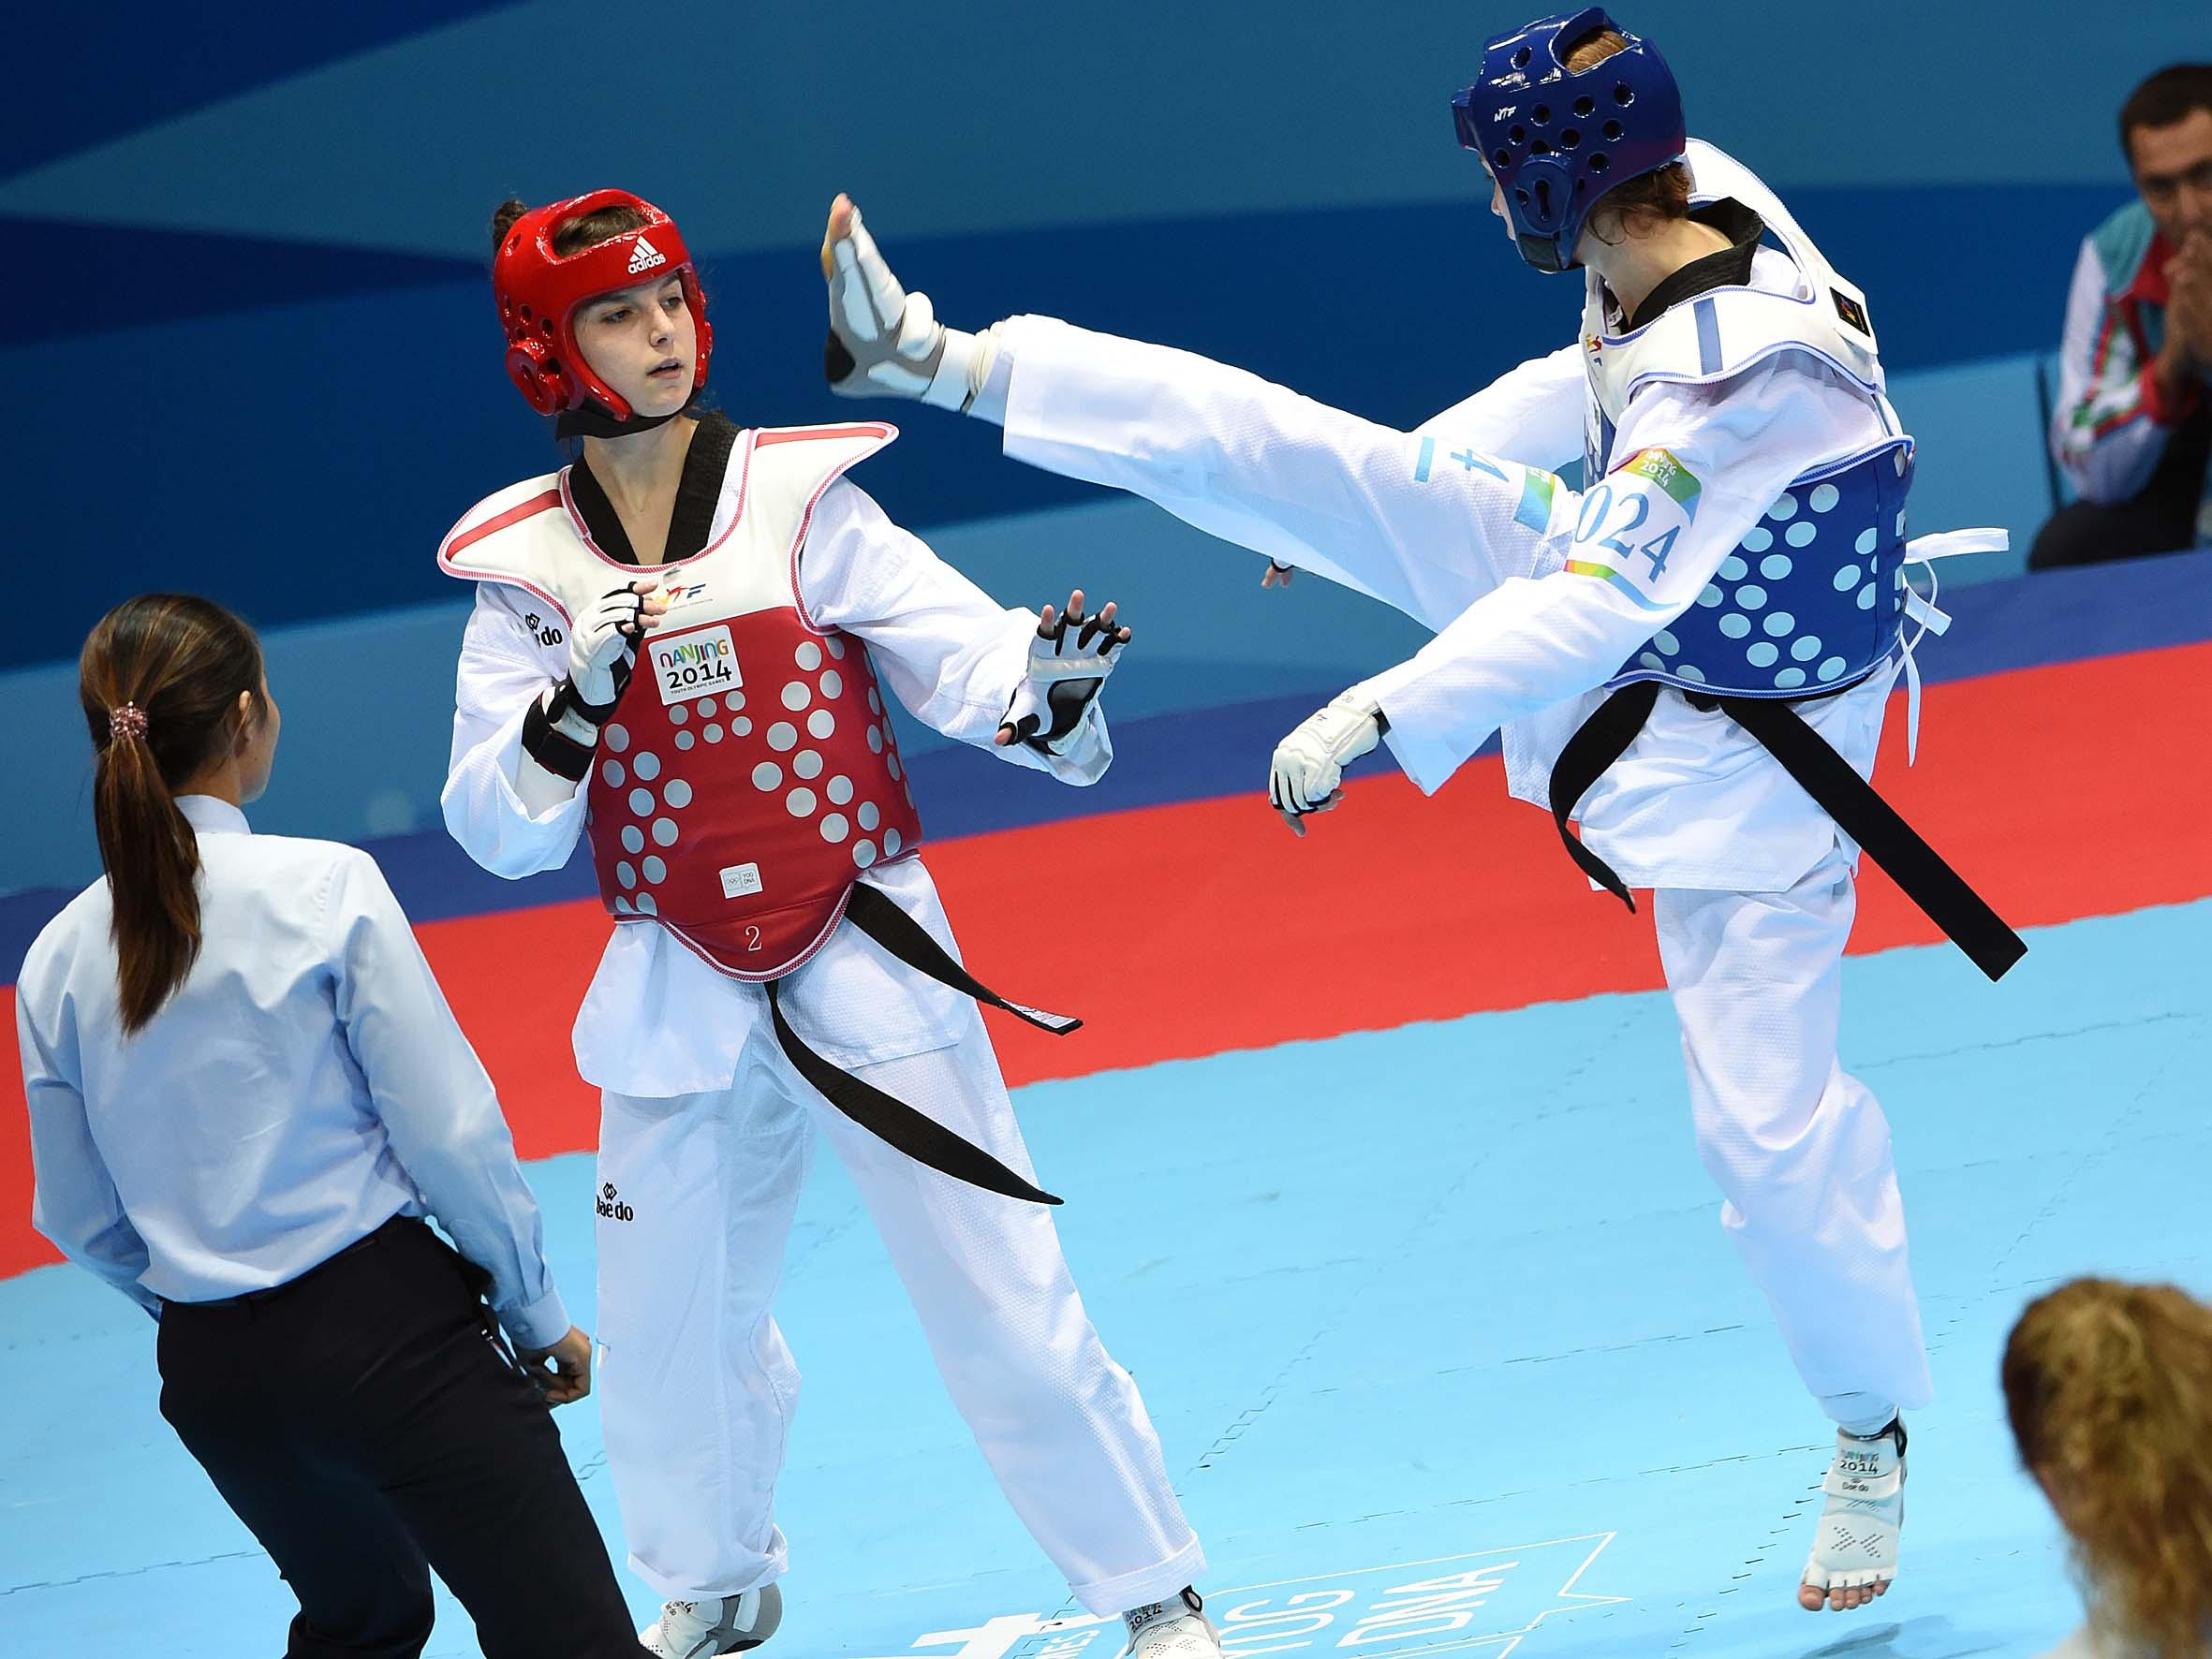 Taekwondo-55 Kg Donne 01